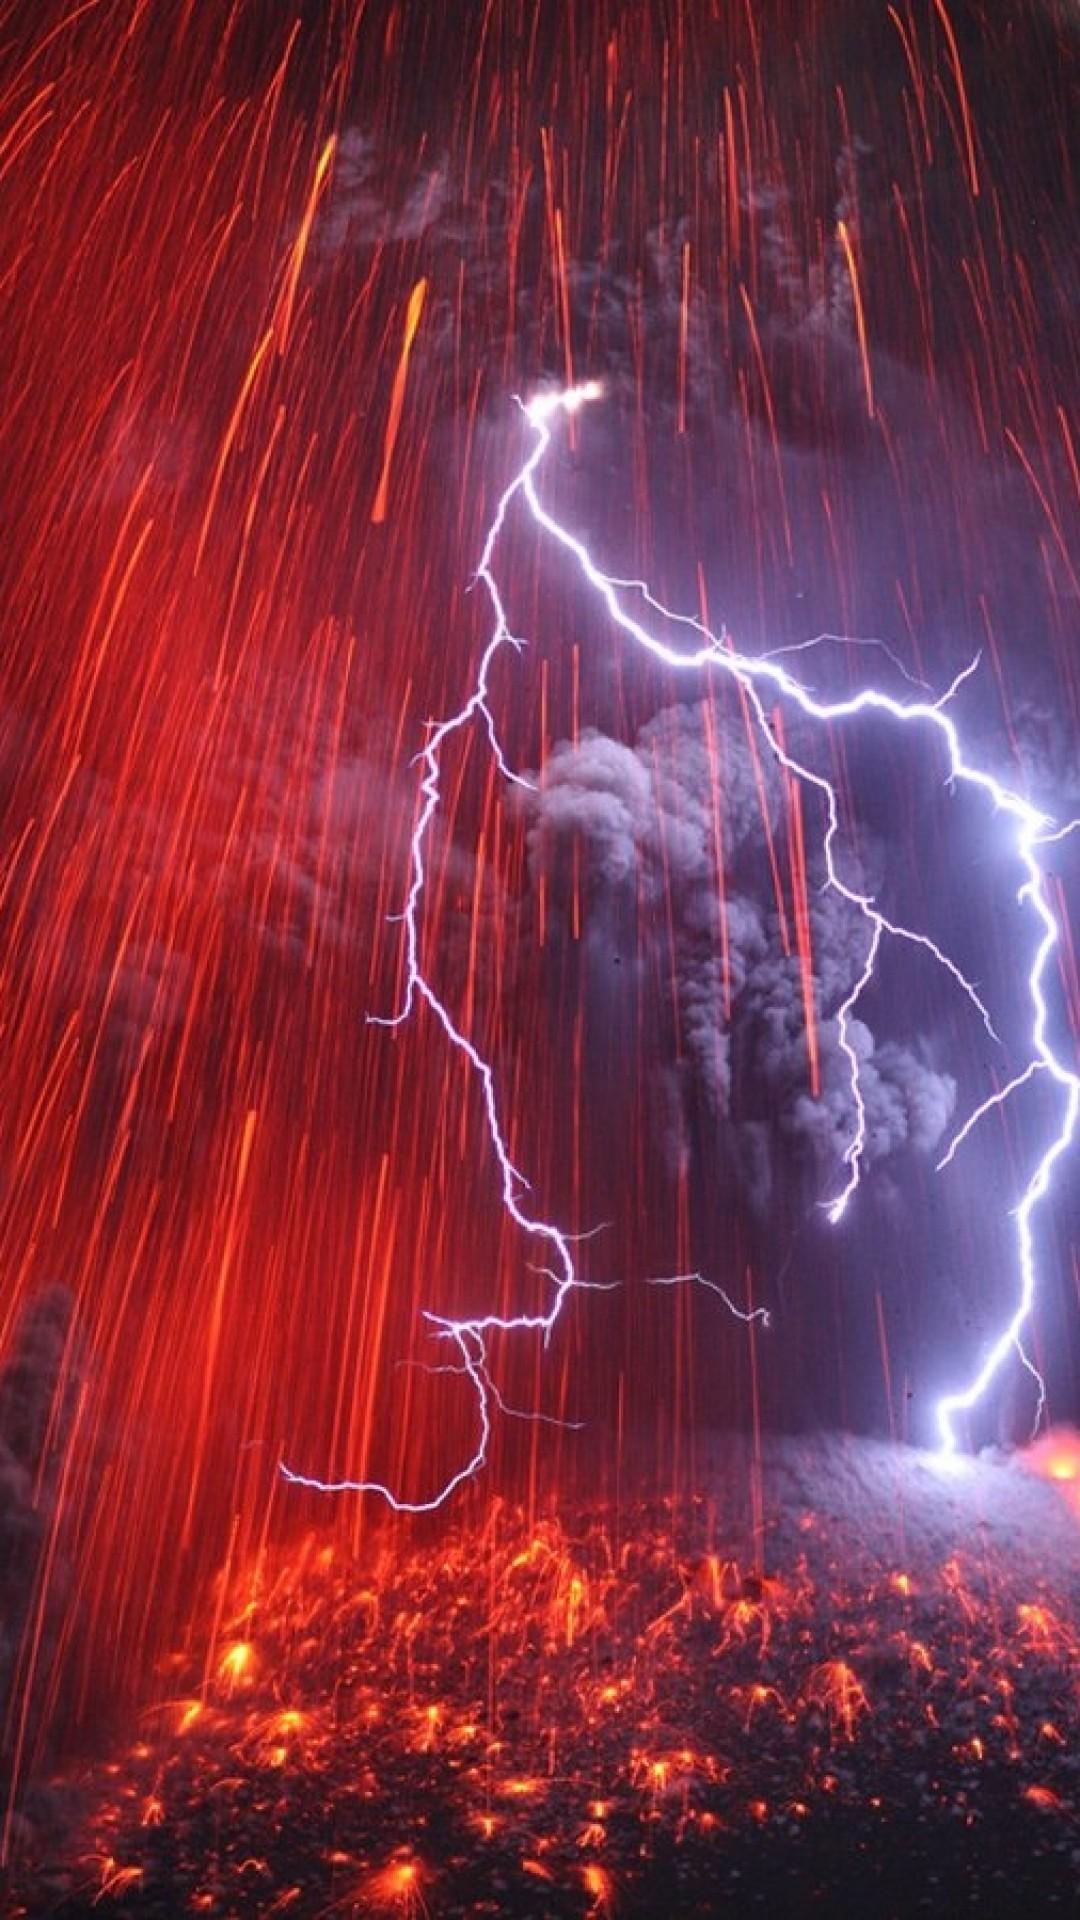 Res: 1080x1920, Volcano, Lightning